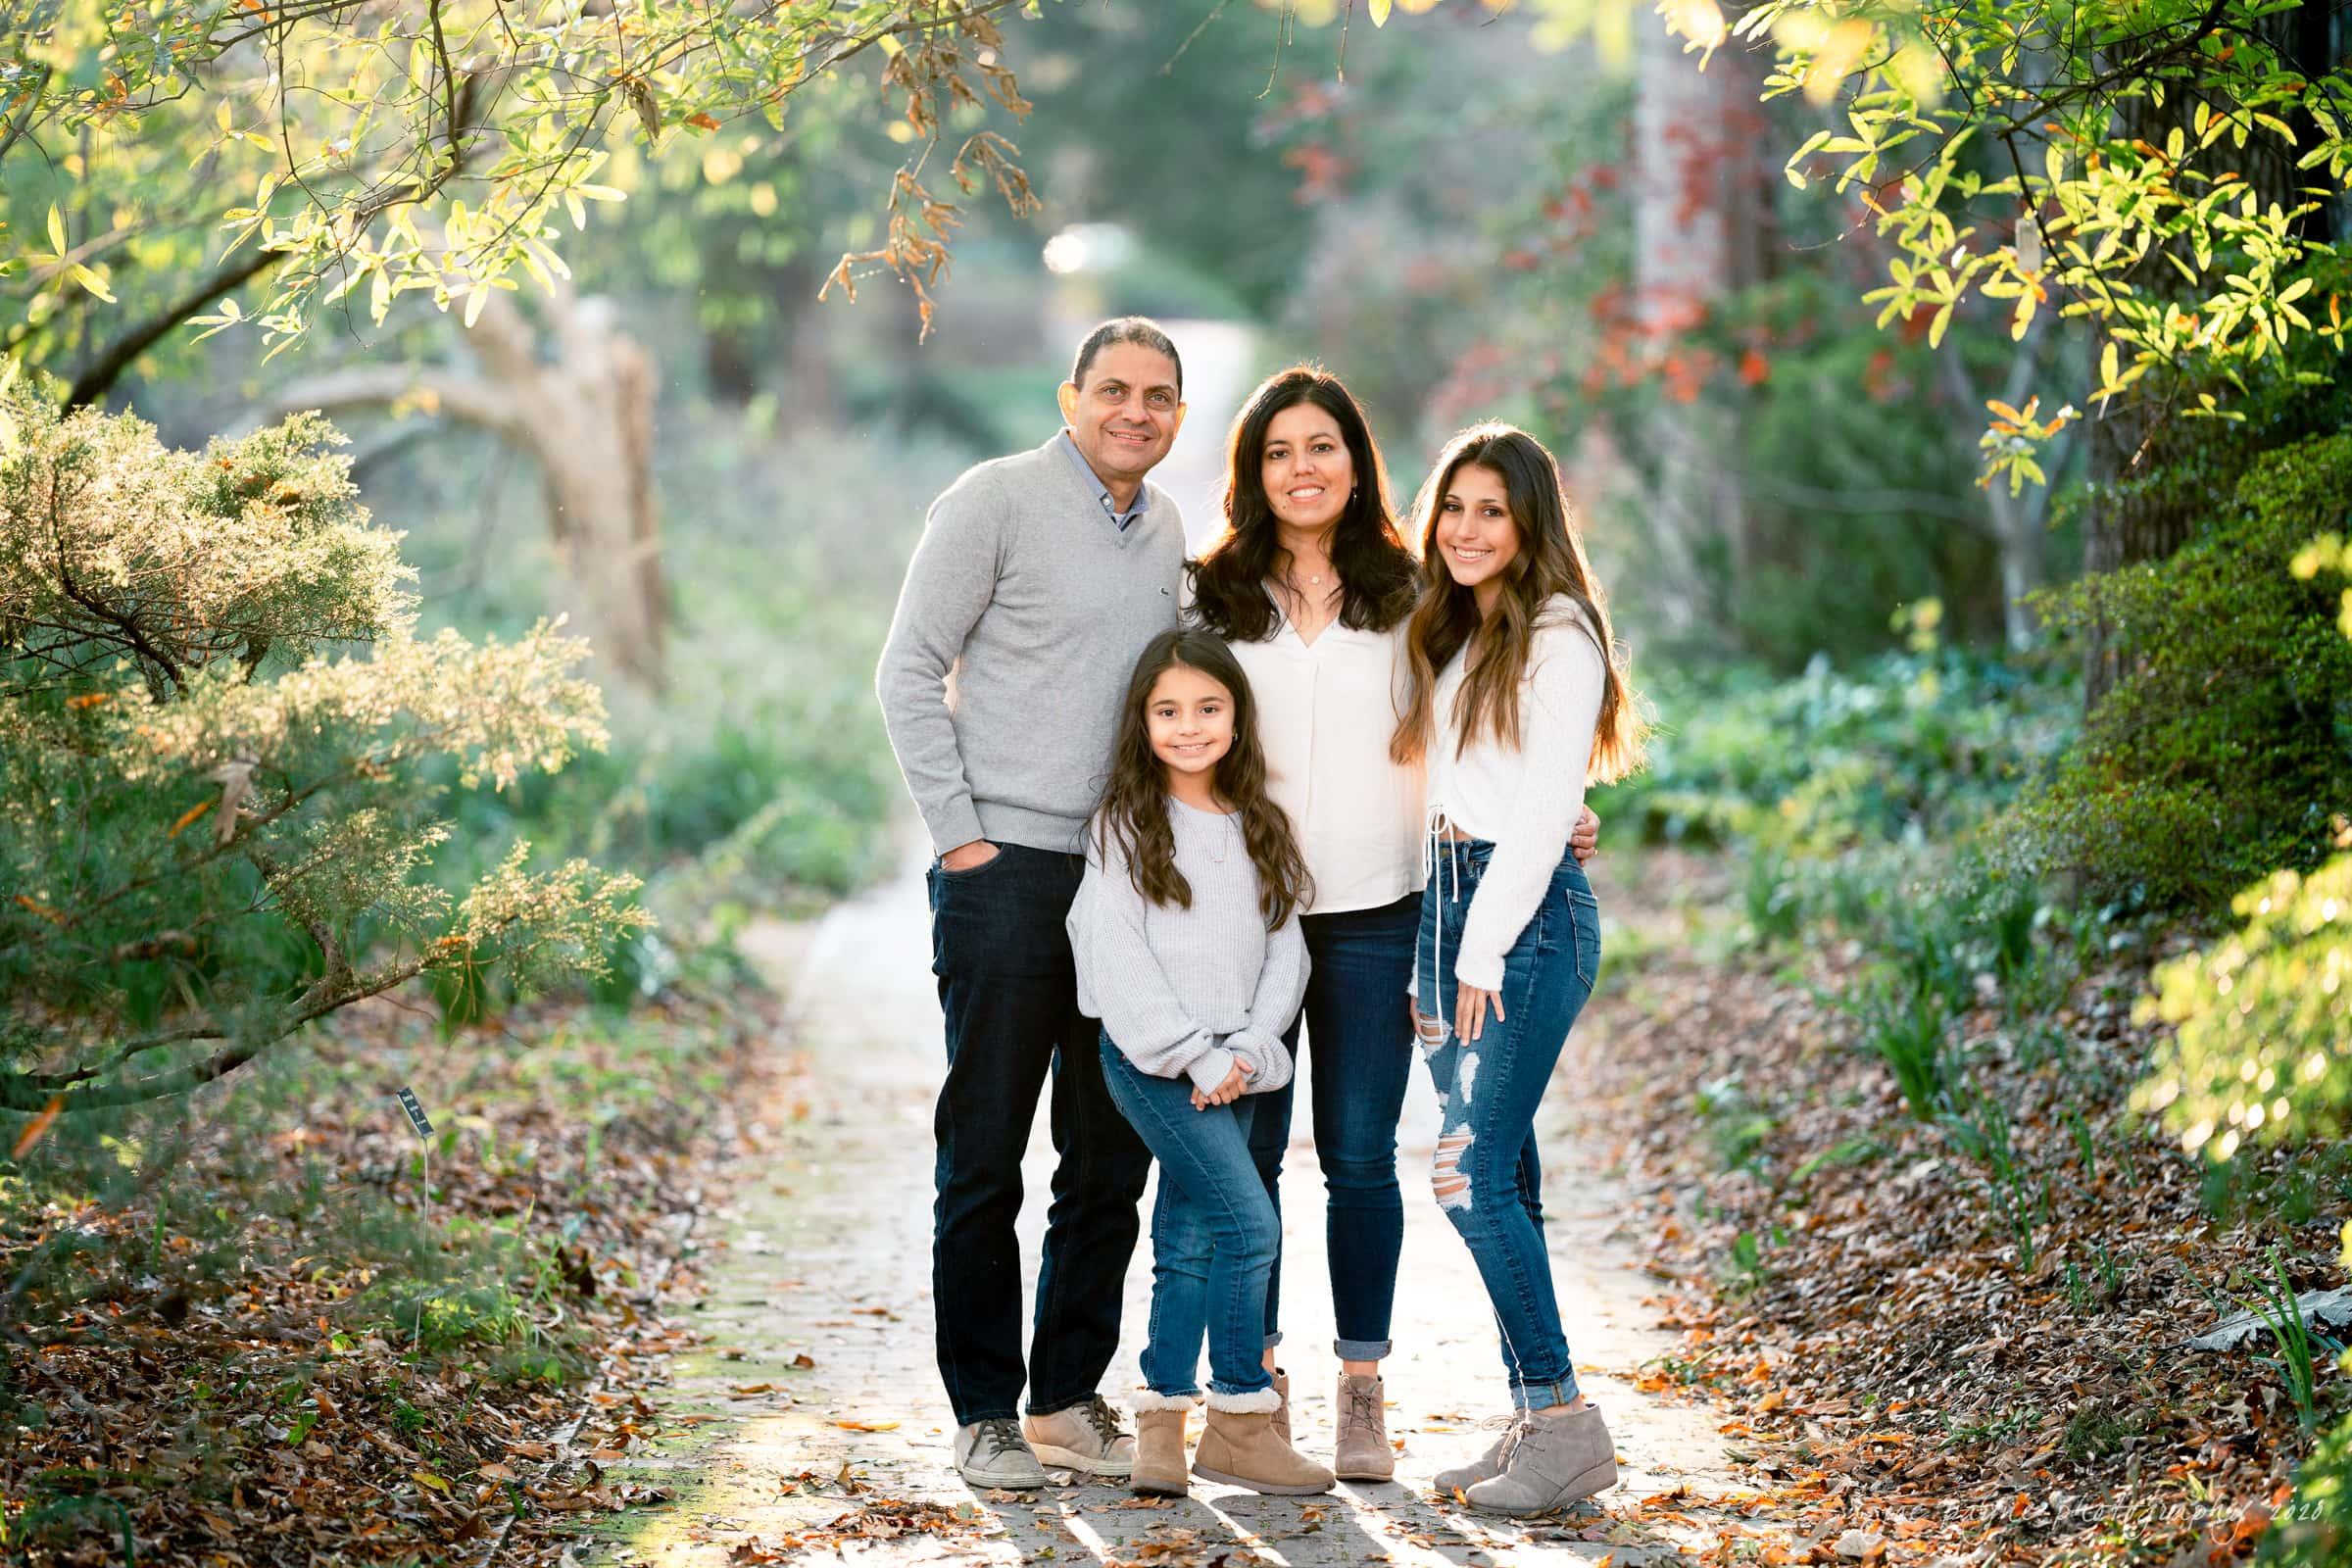 raleigh family photographer jackie cesar 7